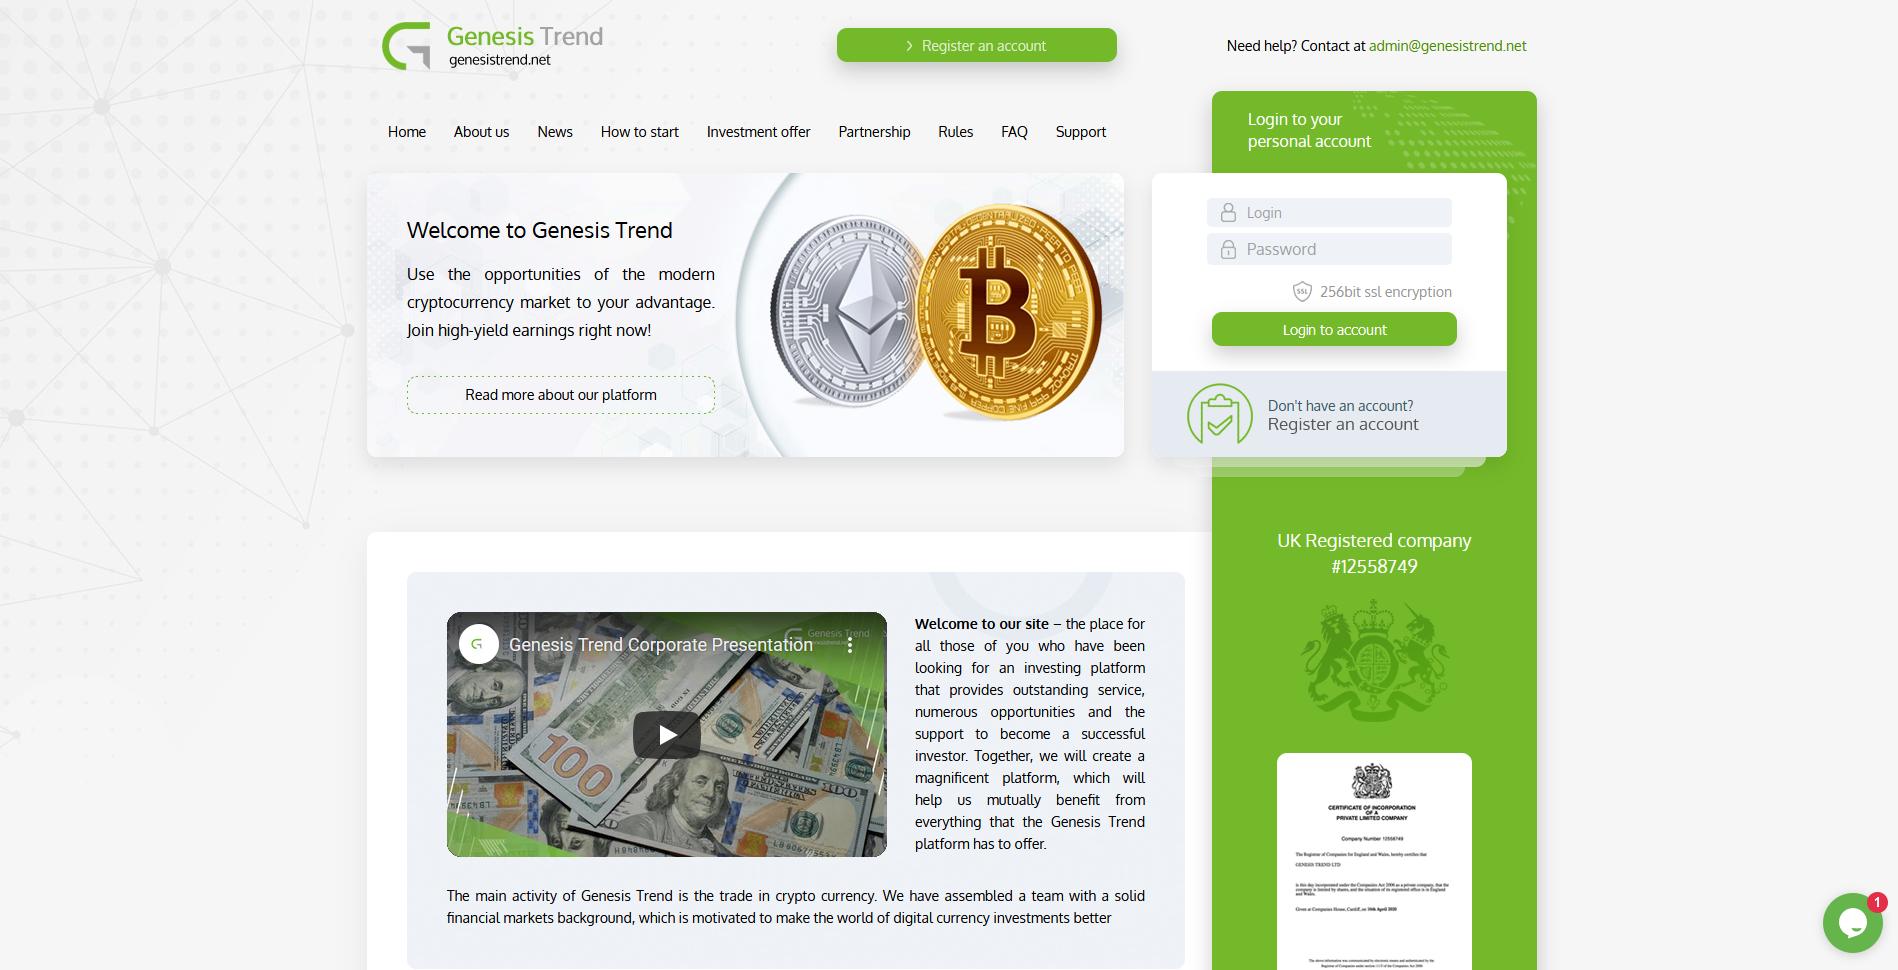 genesis trend - genesistrend.net